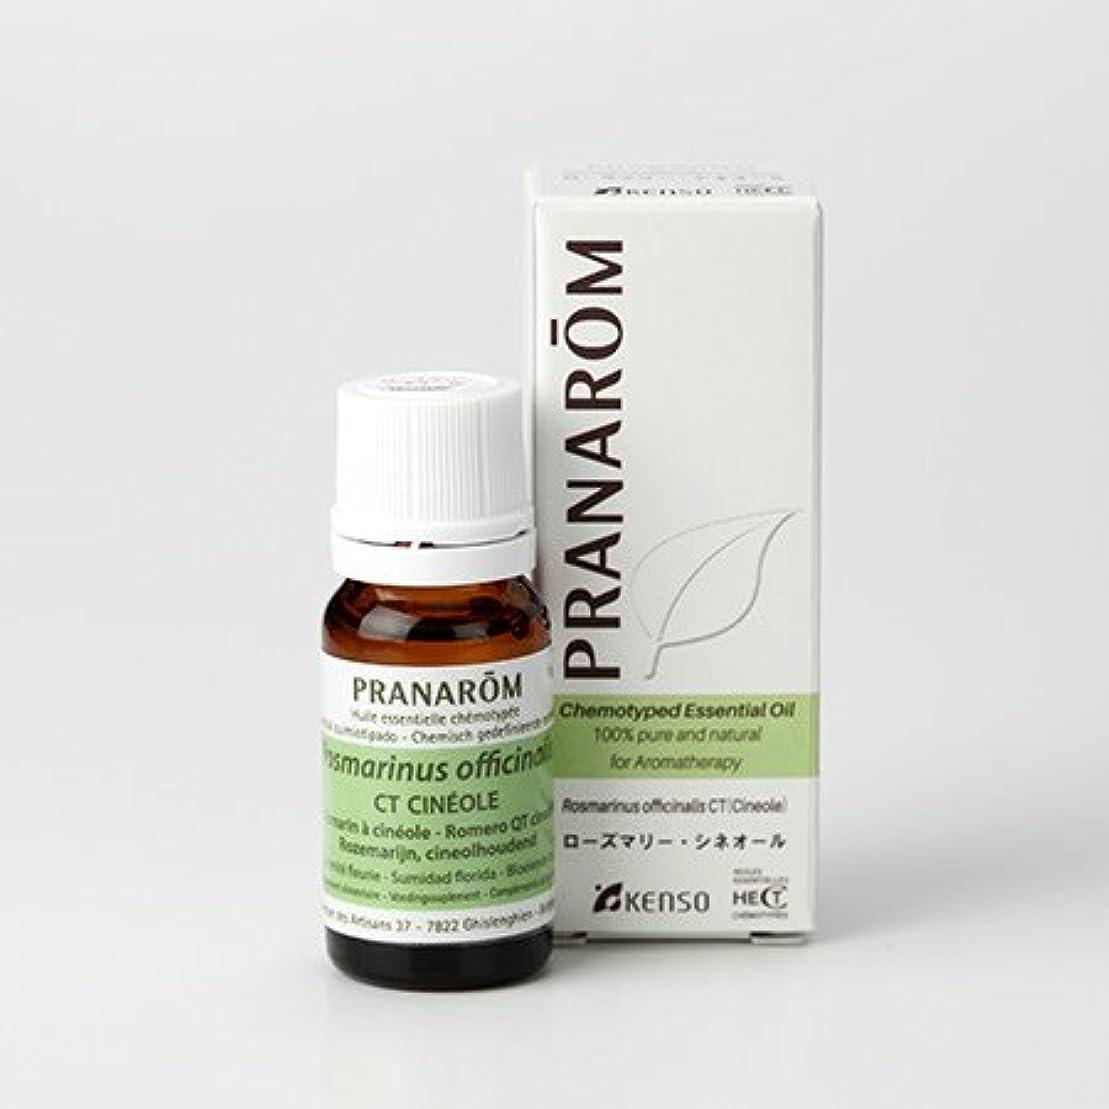 プランテーション平等悪性のプラナロム ローズマリーシネオール 10ml (PRANAROM ケモタイプ精油)